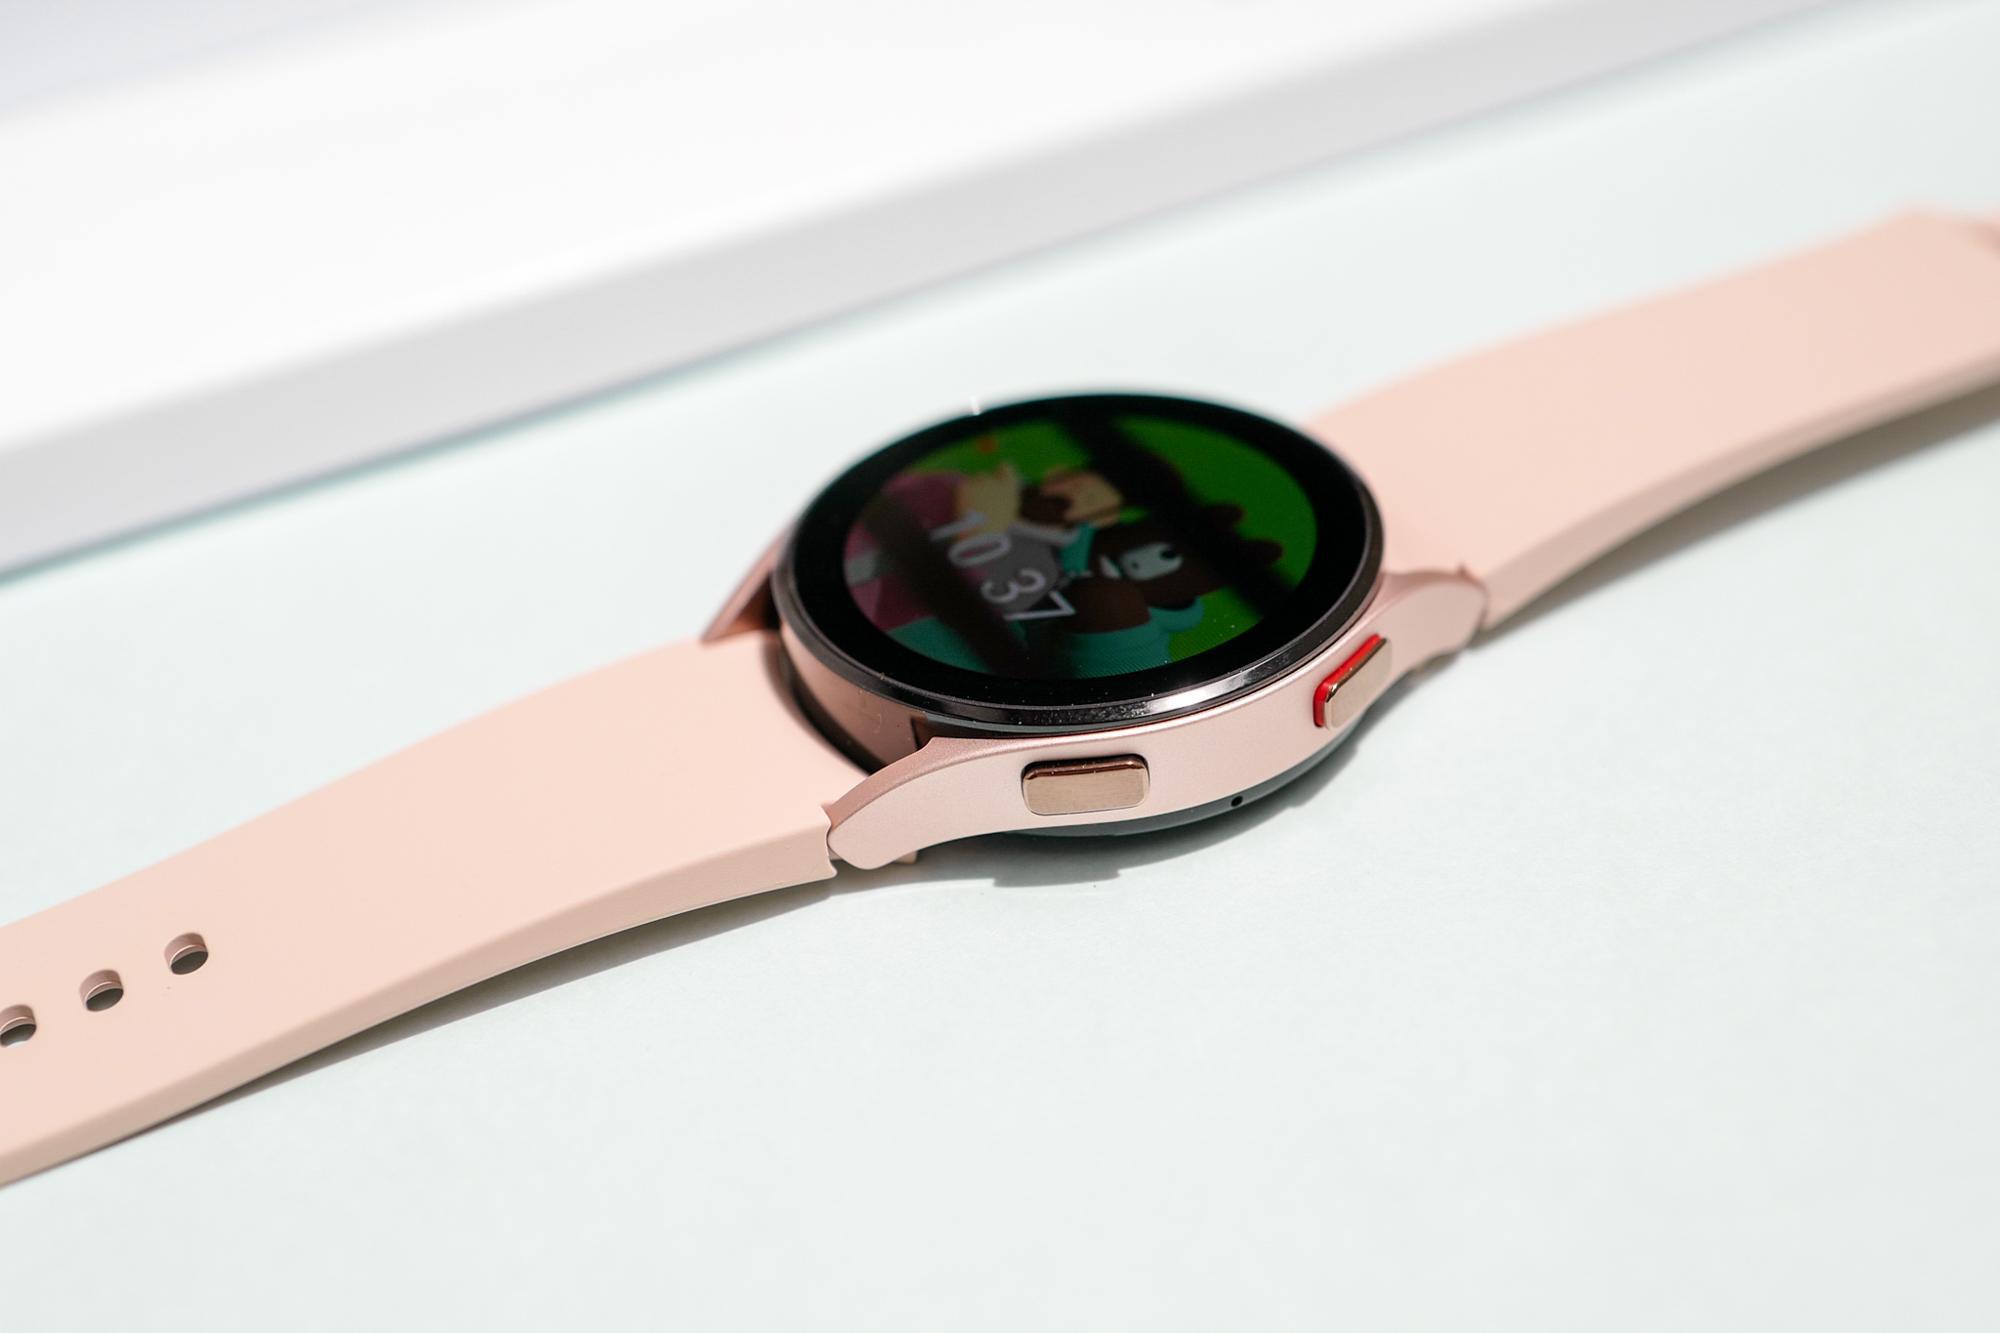 Vì sao nói Galaxy Watch4 là chiếc đồng hồ vừa thông minh lại hợp thời trang - Ảnh 1.